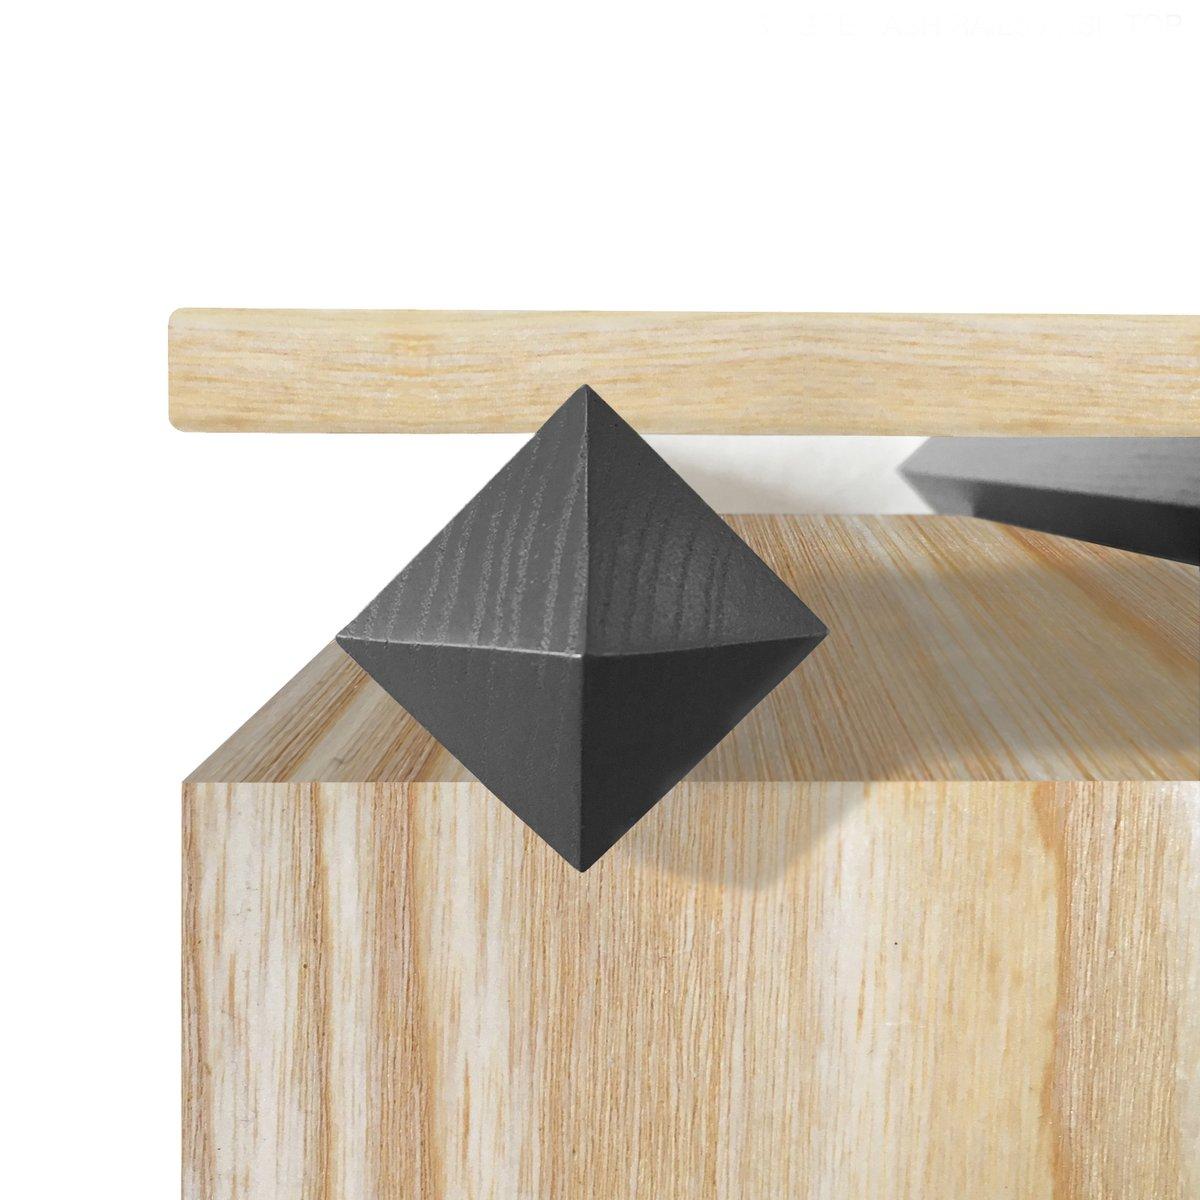 Design Aufbewahrung kommode zur aufbewahrung mit breiter holzschublade und holzplatte